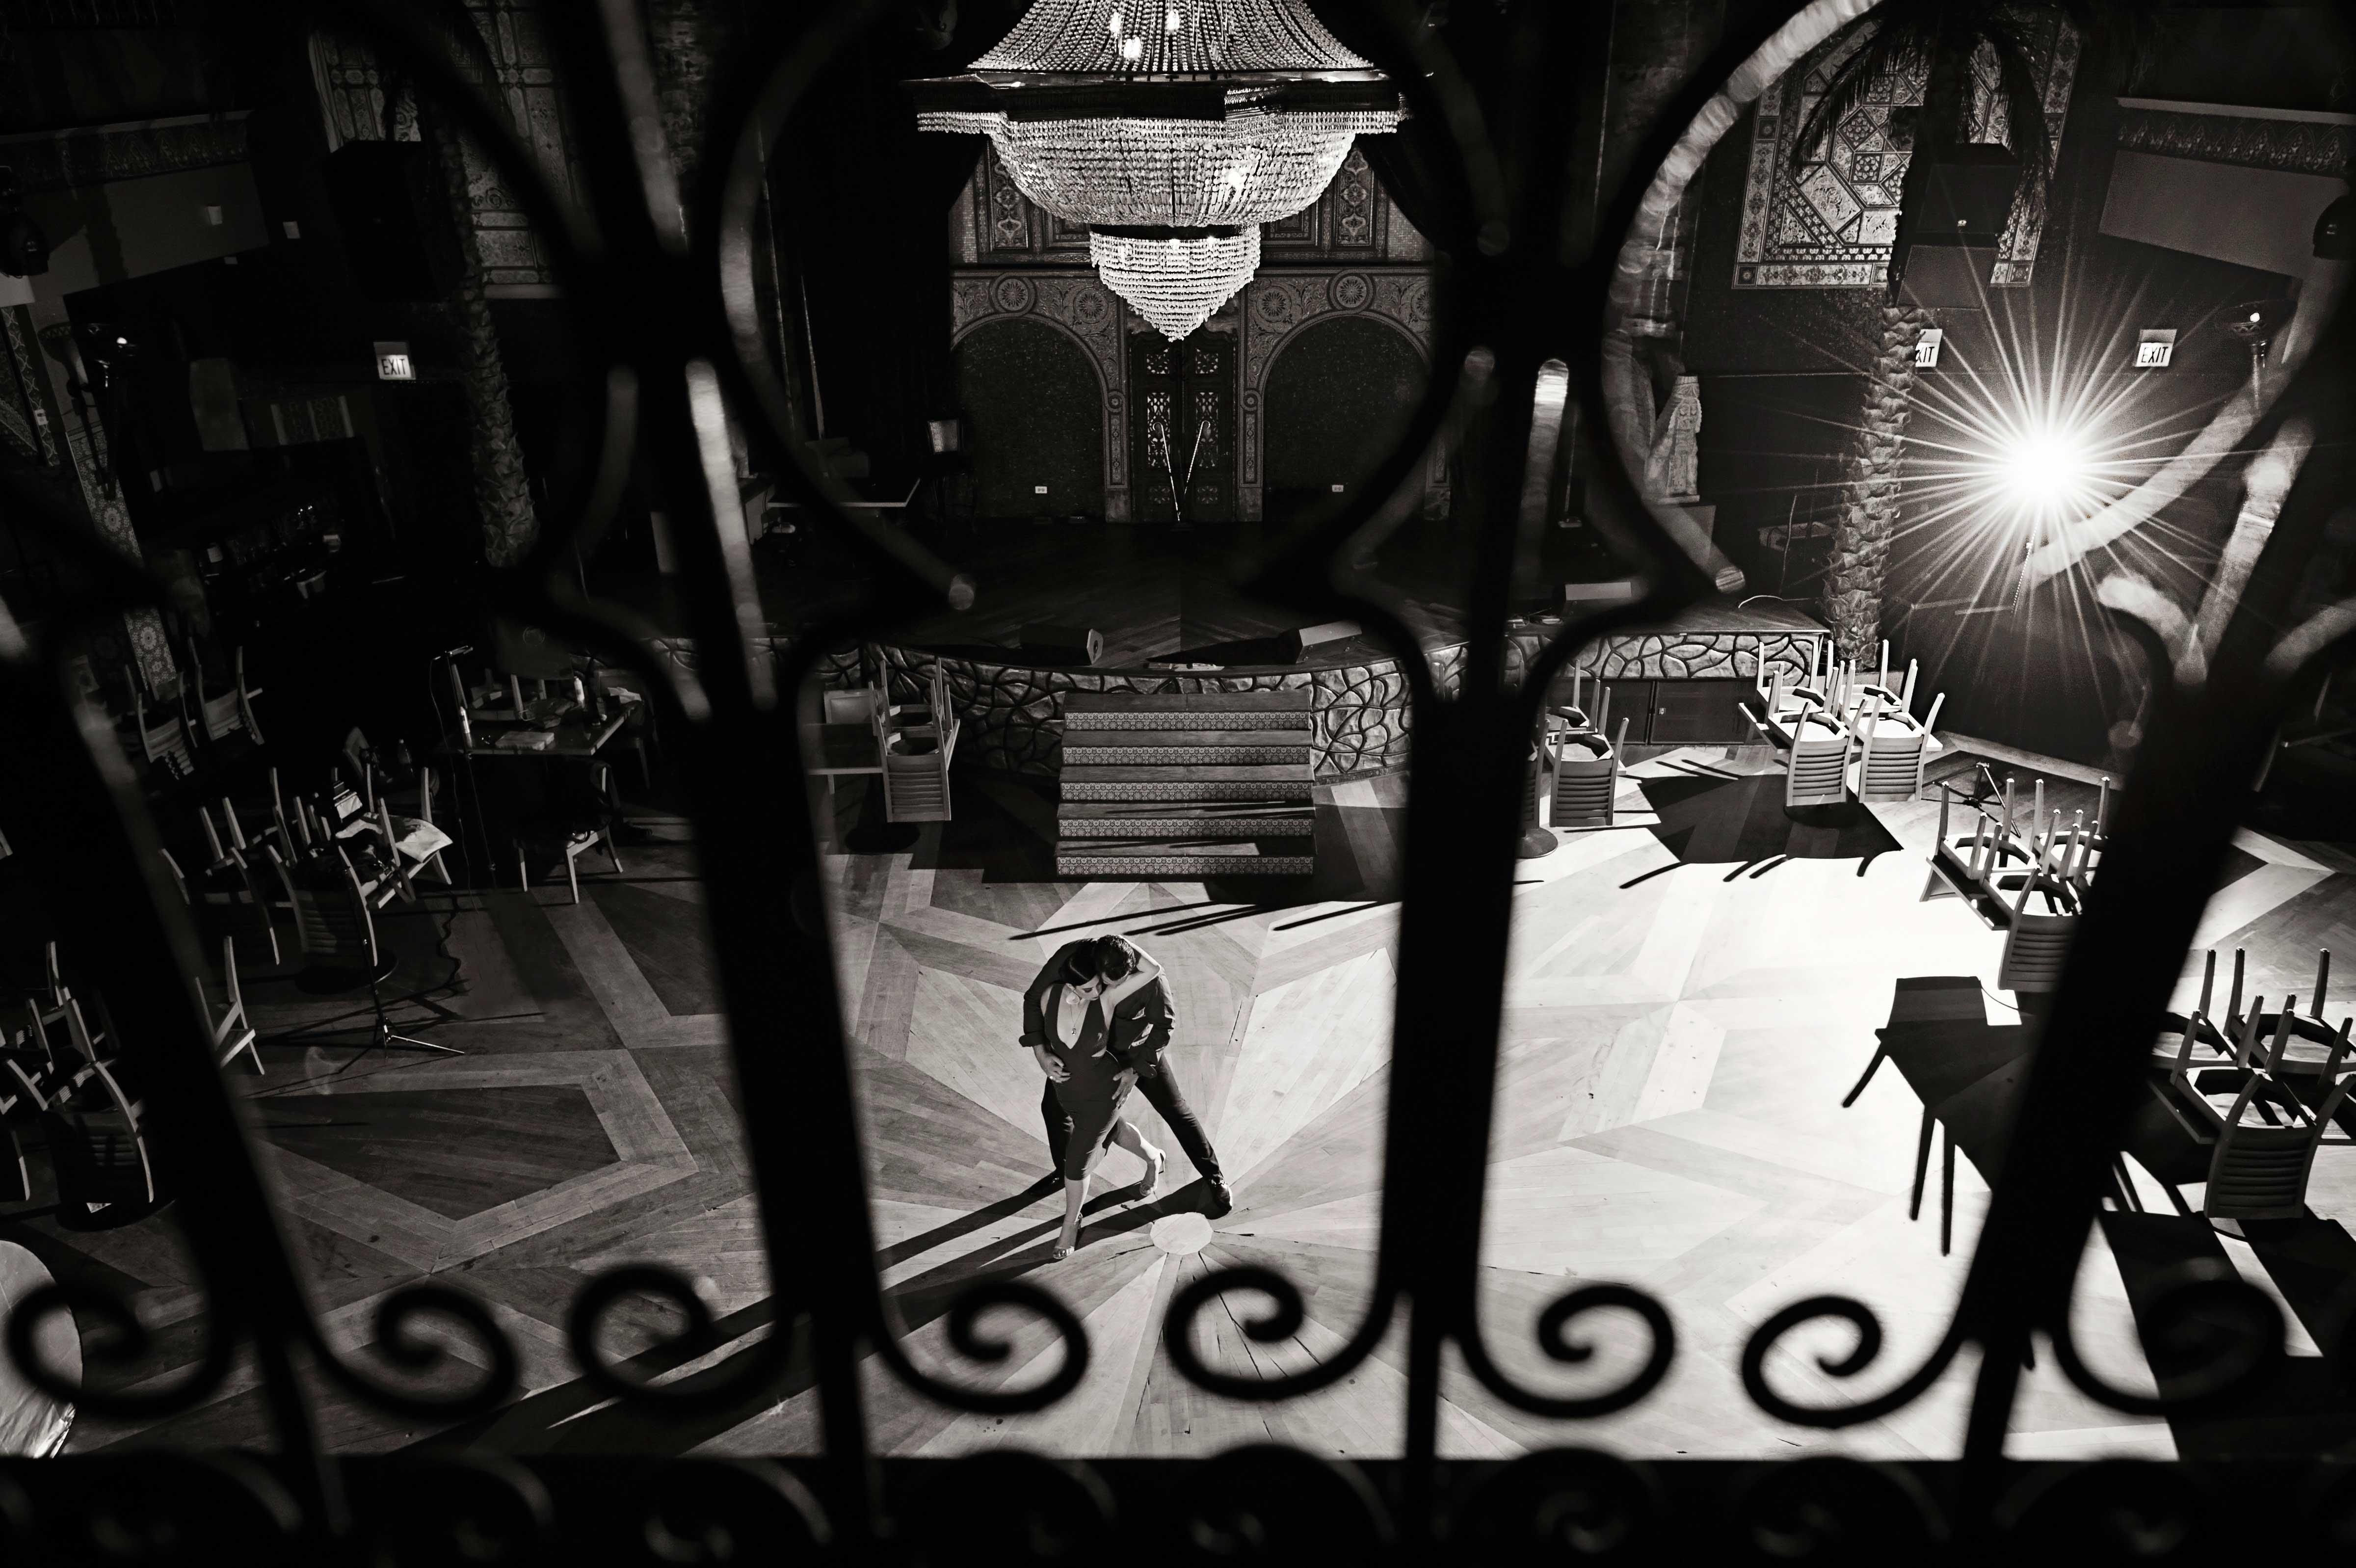 Carasco Photography tango theme styled engagement shoot photo session